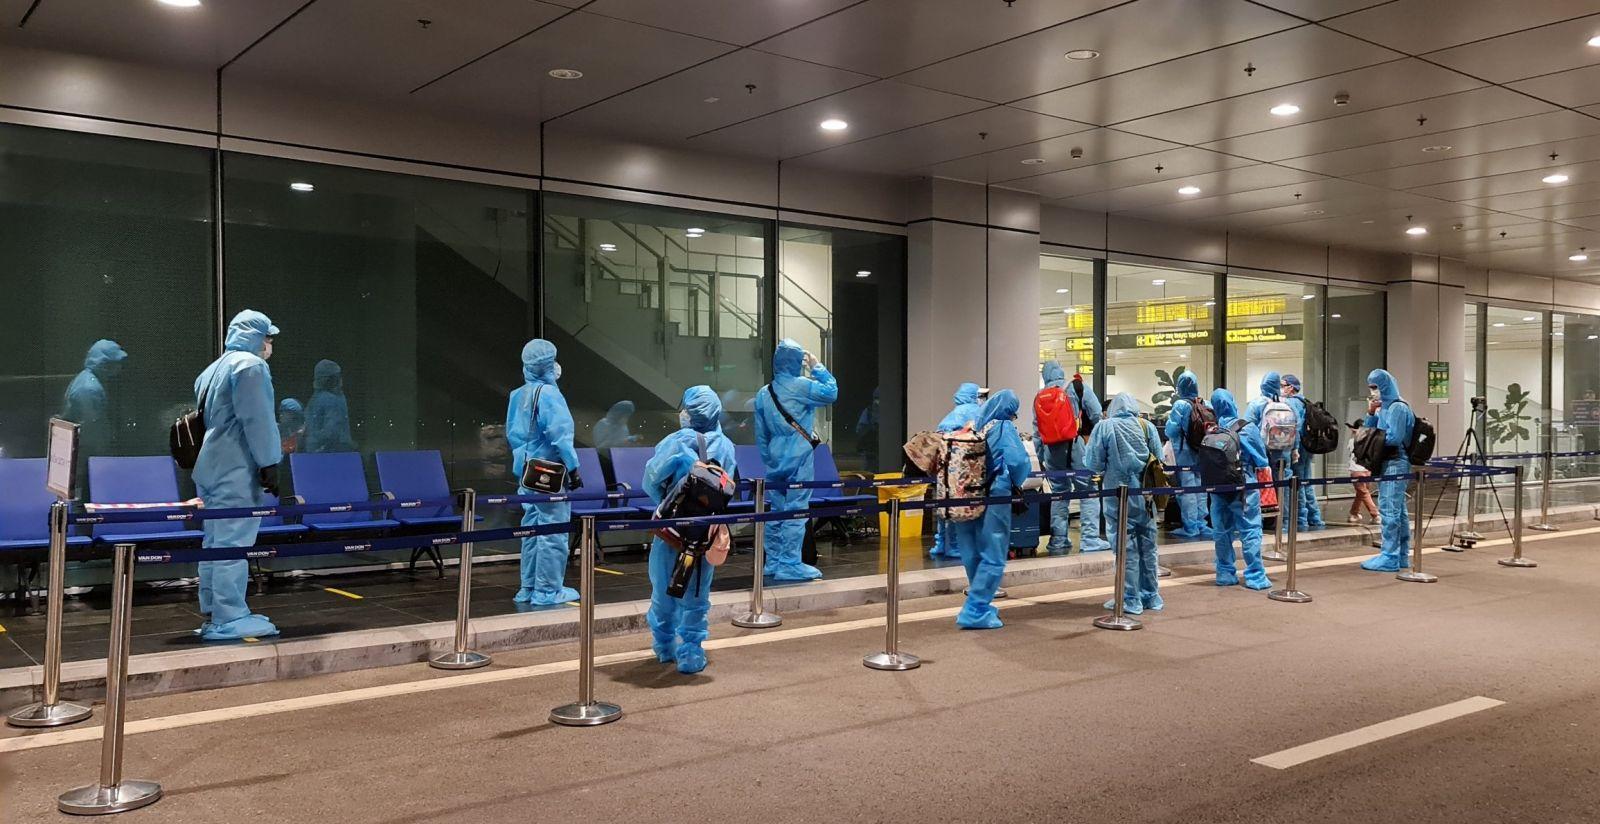 Sân bay Vân Đồn đặt vấn đề tuân thủ chặt chẽ quy trình phòng dịch lên hàng đầu